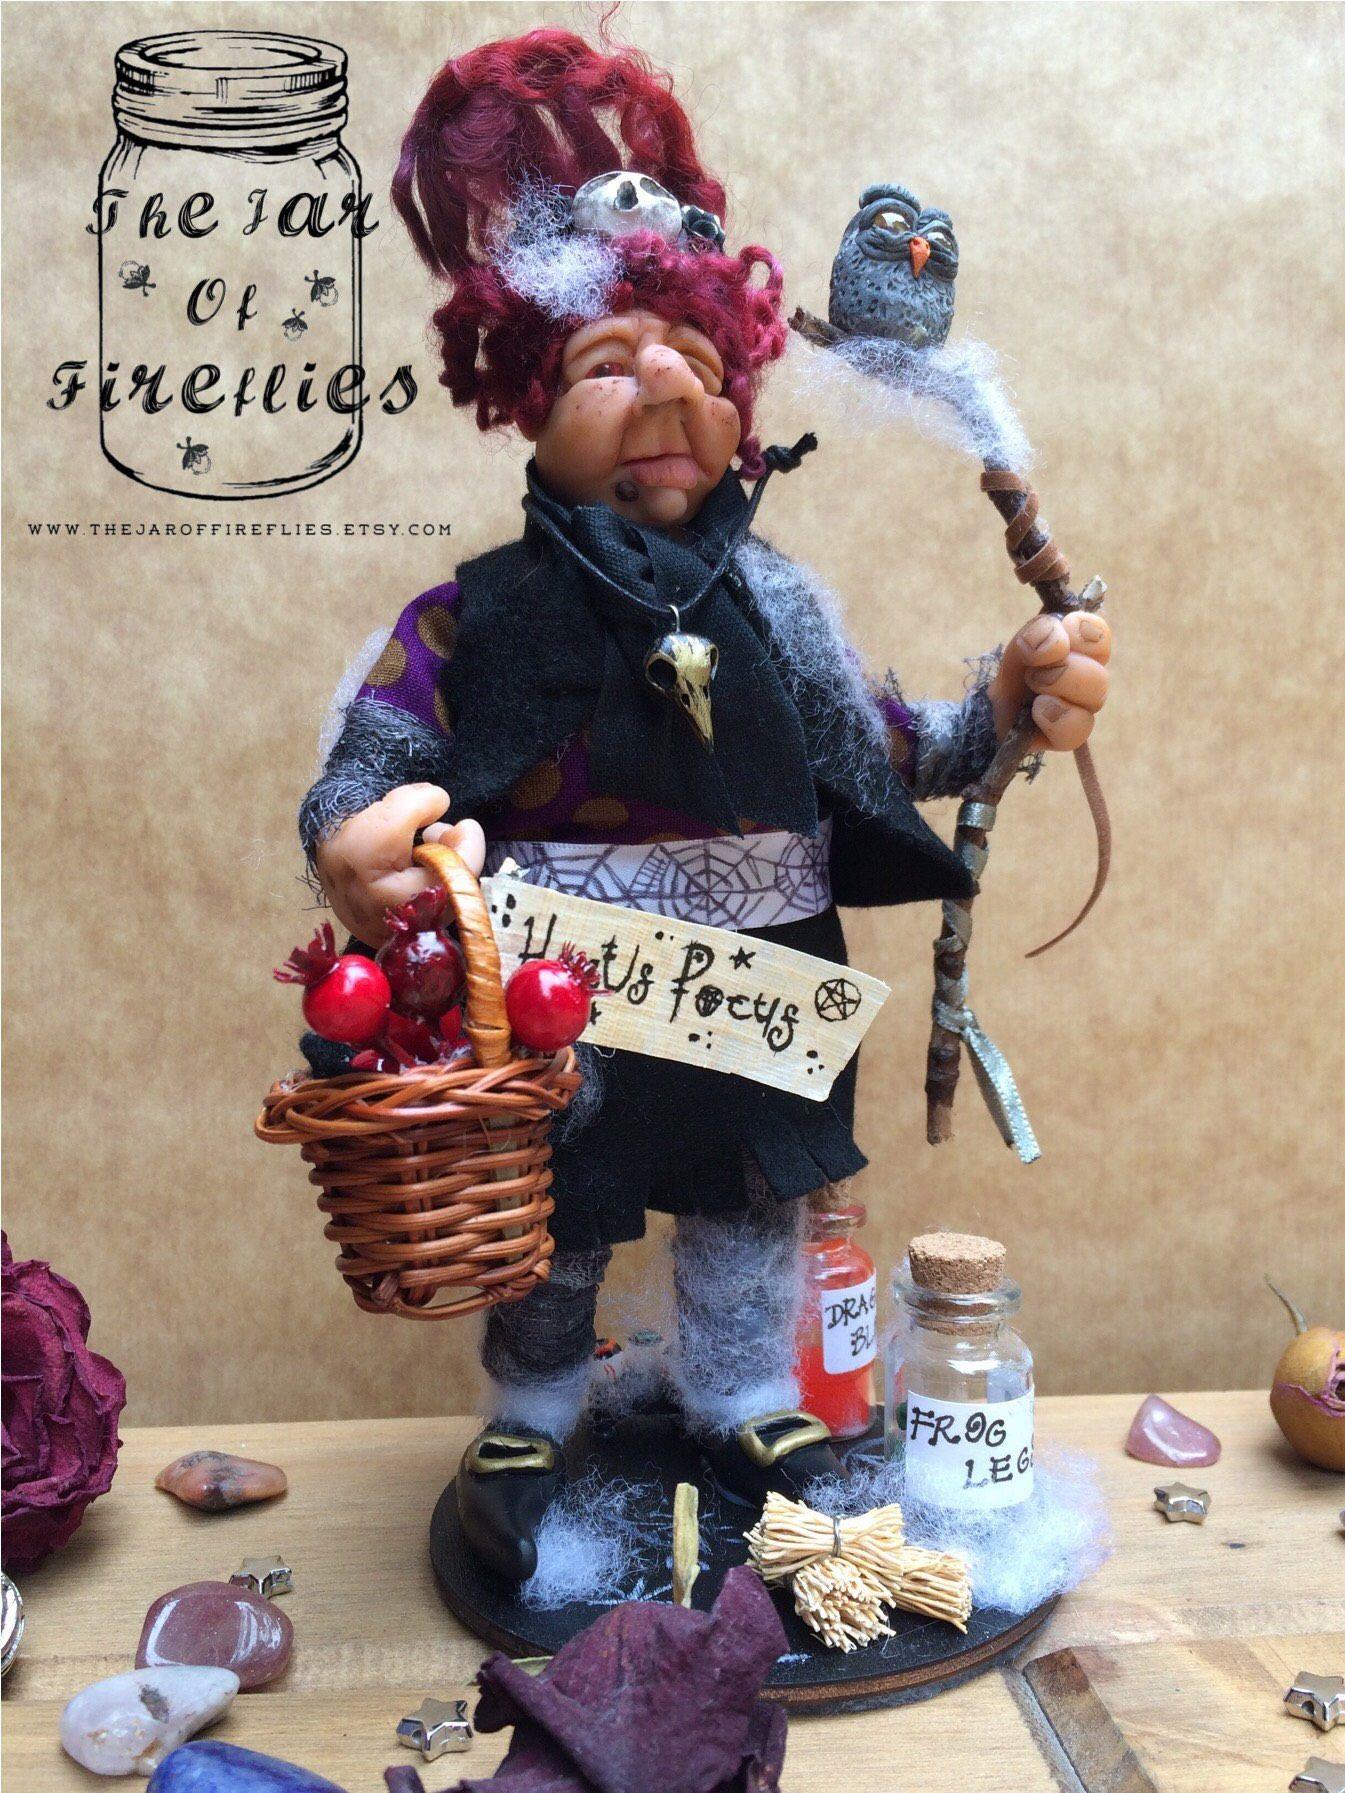 Artisan Dolls House Polymer Clay Witch/ Hag  Ooak Figure 1:12th in glass display Sonstige Produkte für Puppenstuben & -häuser